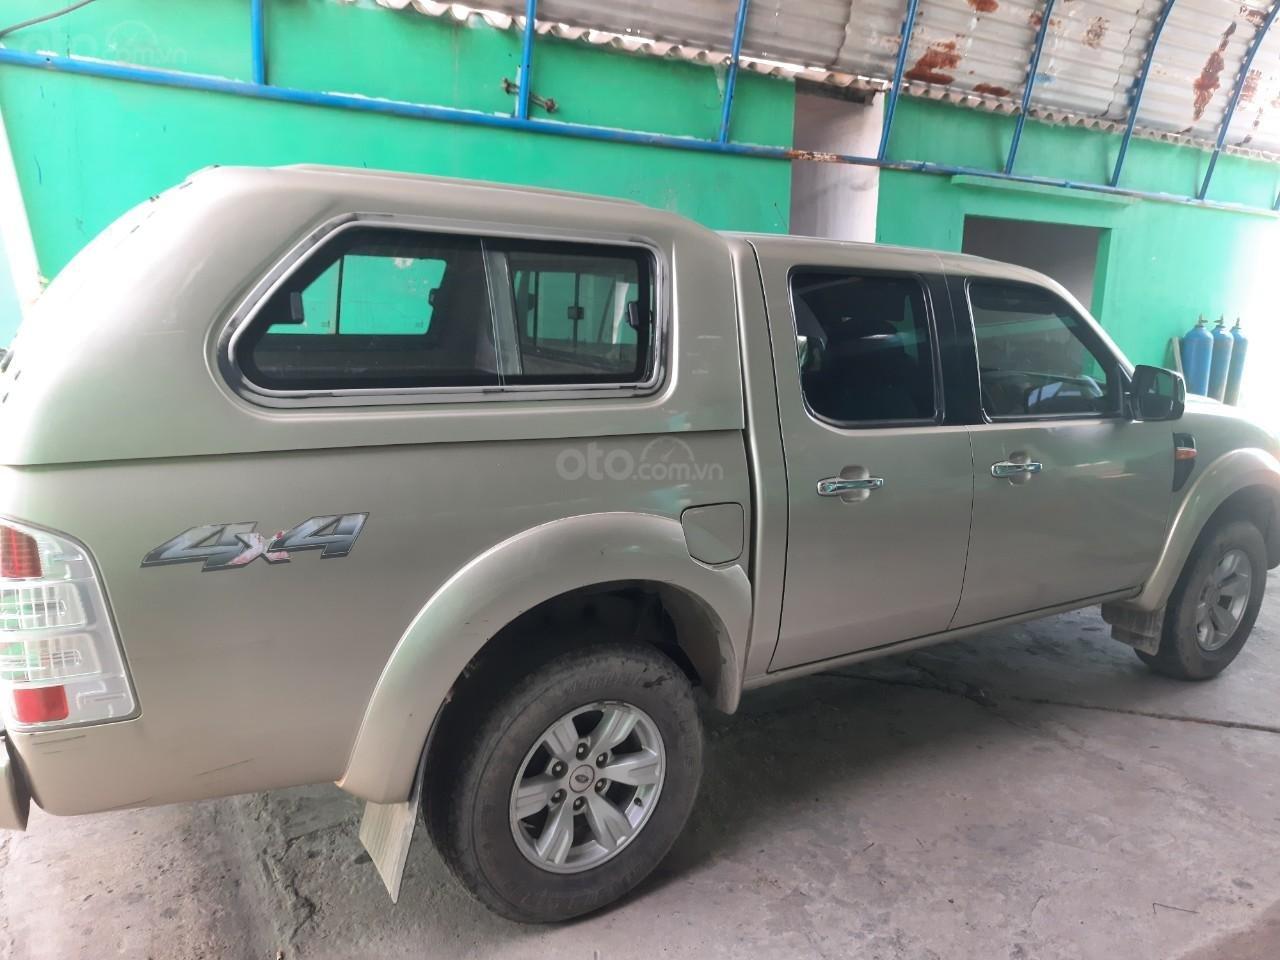 Bán Ford Ranger năm 2009 giá cạnh tranh nội thất nguyên bản (3)